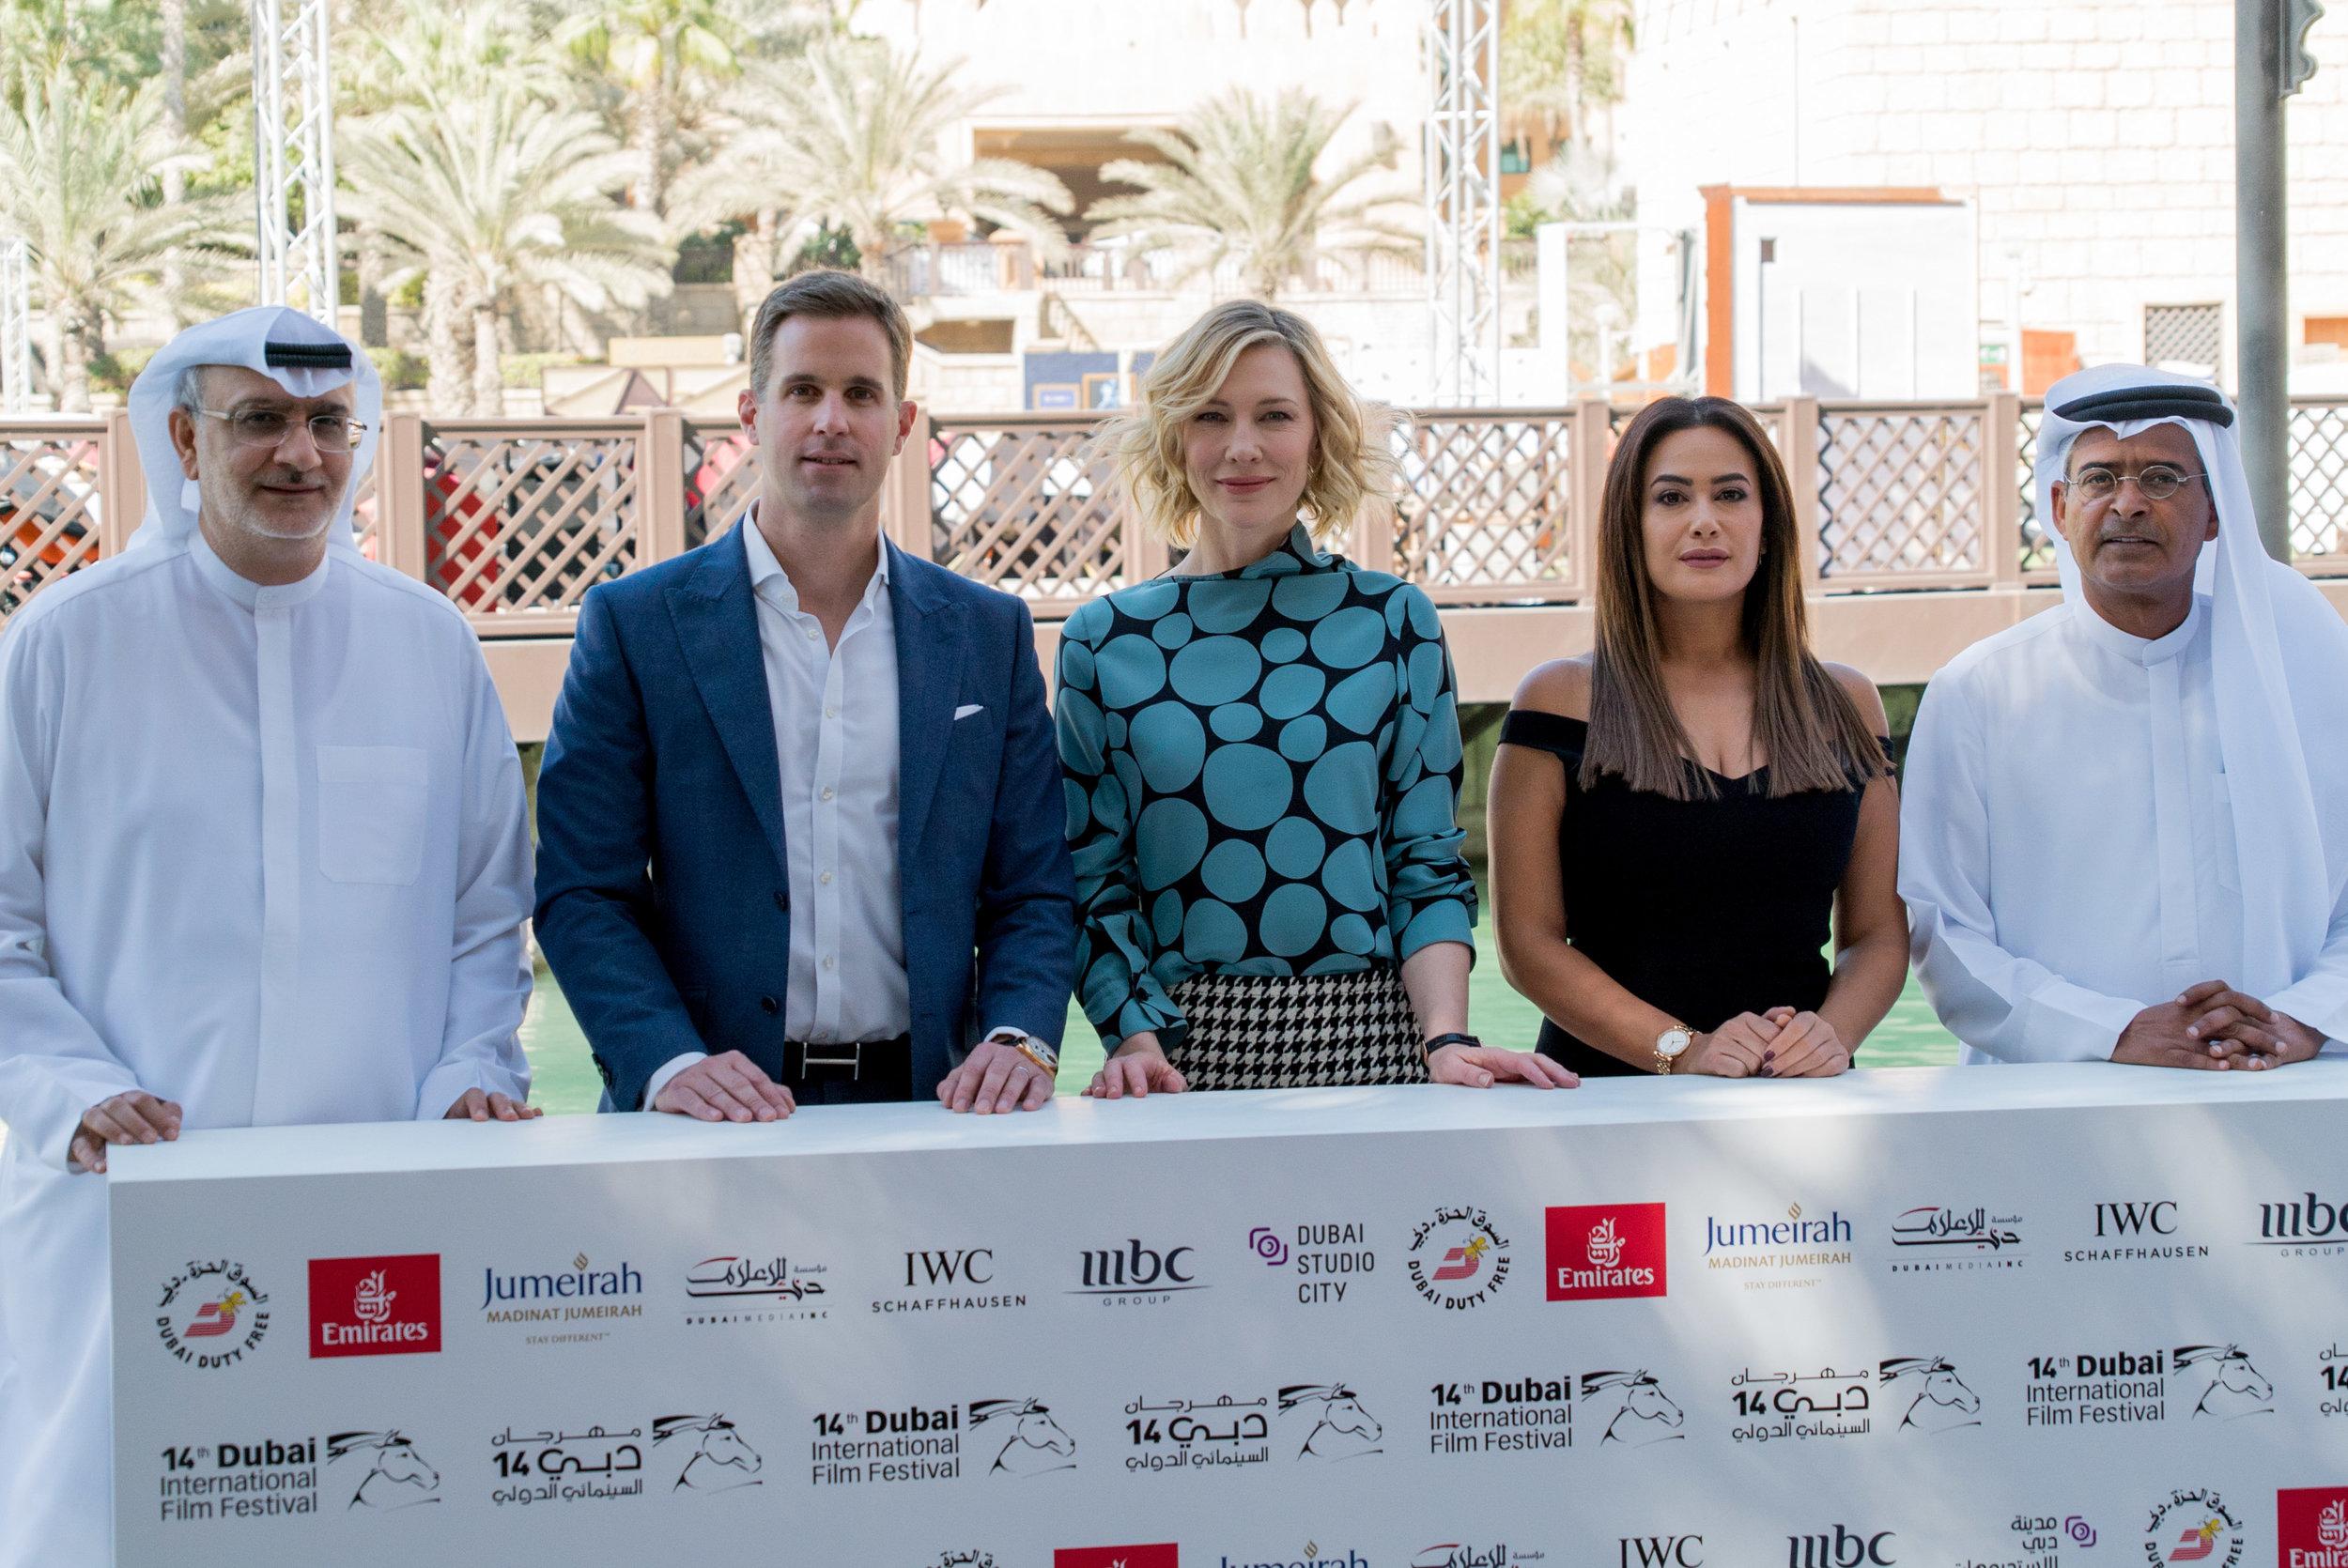 Cate Blanchett IWC Jury DIFF 2017 01.jpg